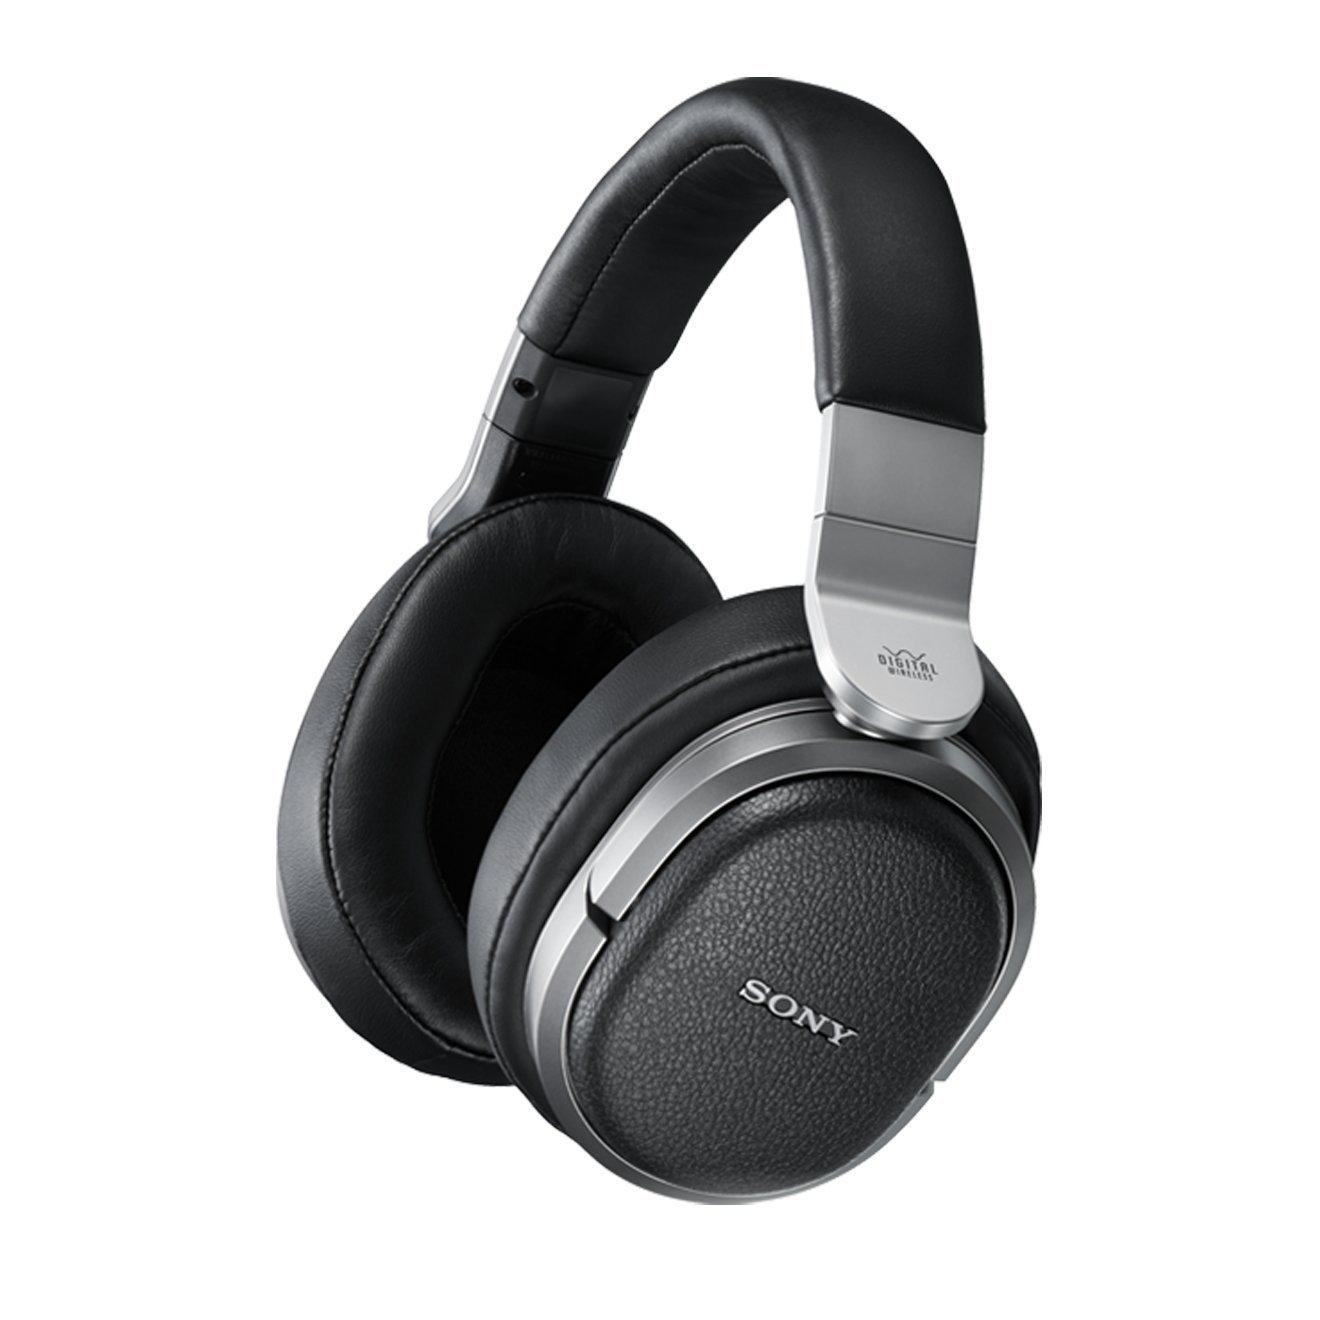 Casque Hi-Fi 9.1 sans fil Sony MDR-HW700DS